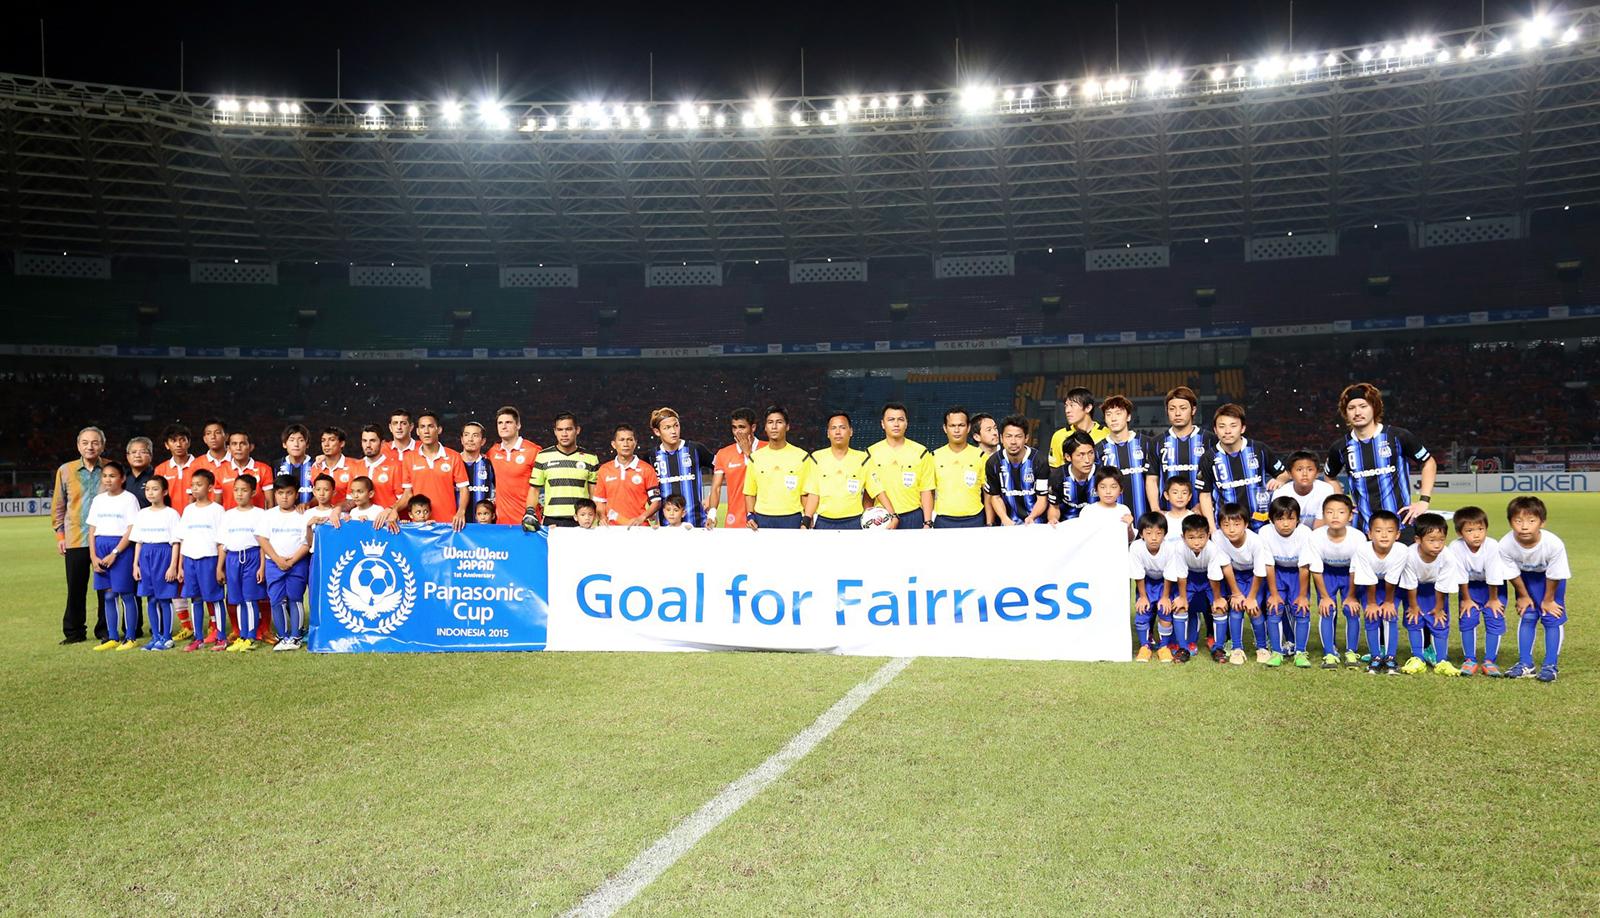 ジャカルタ市のゲロラ・ブン・カルノ・スタジアムで開催された「パナソニックカップ2015」。